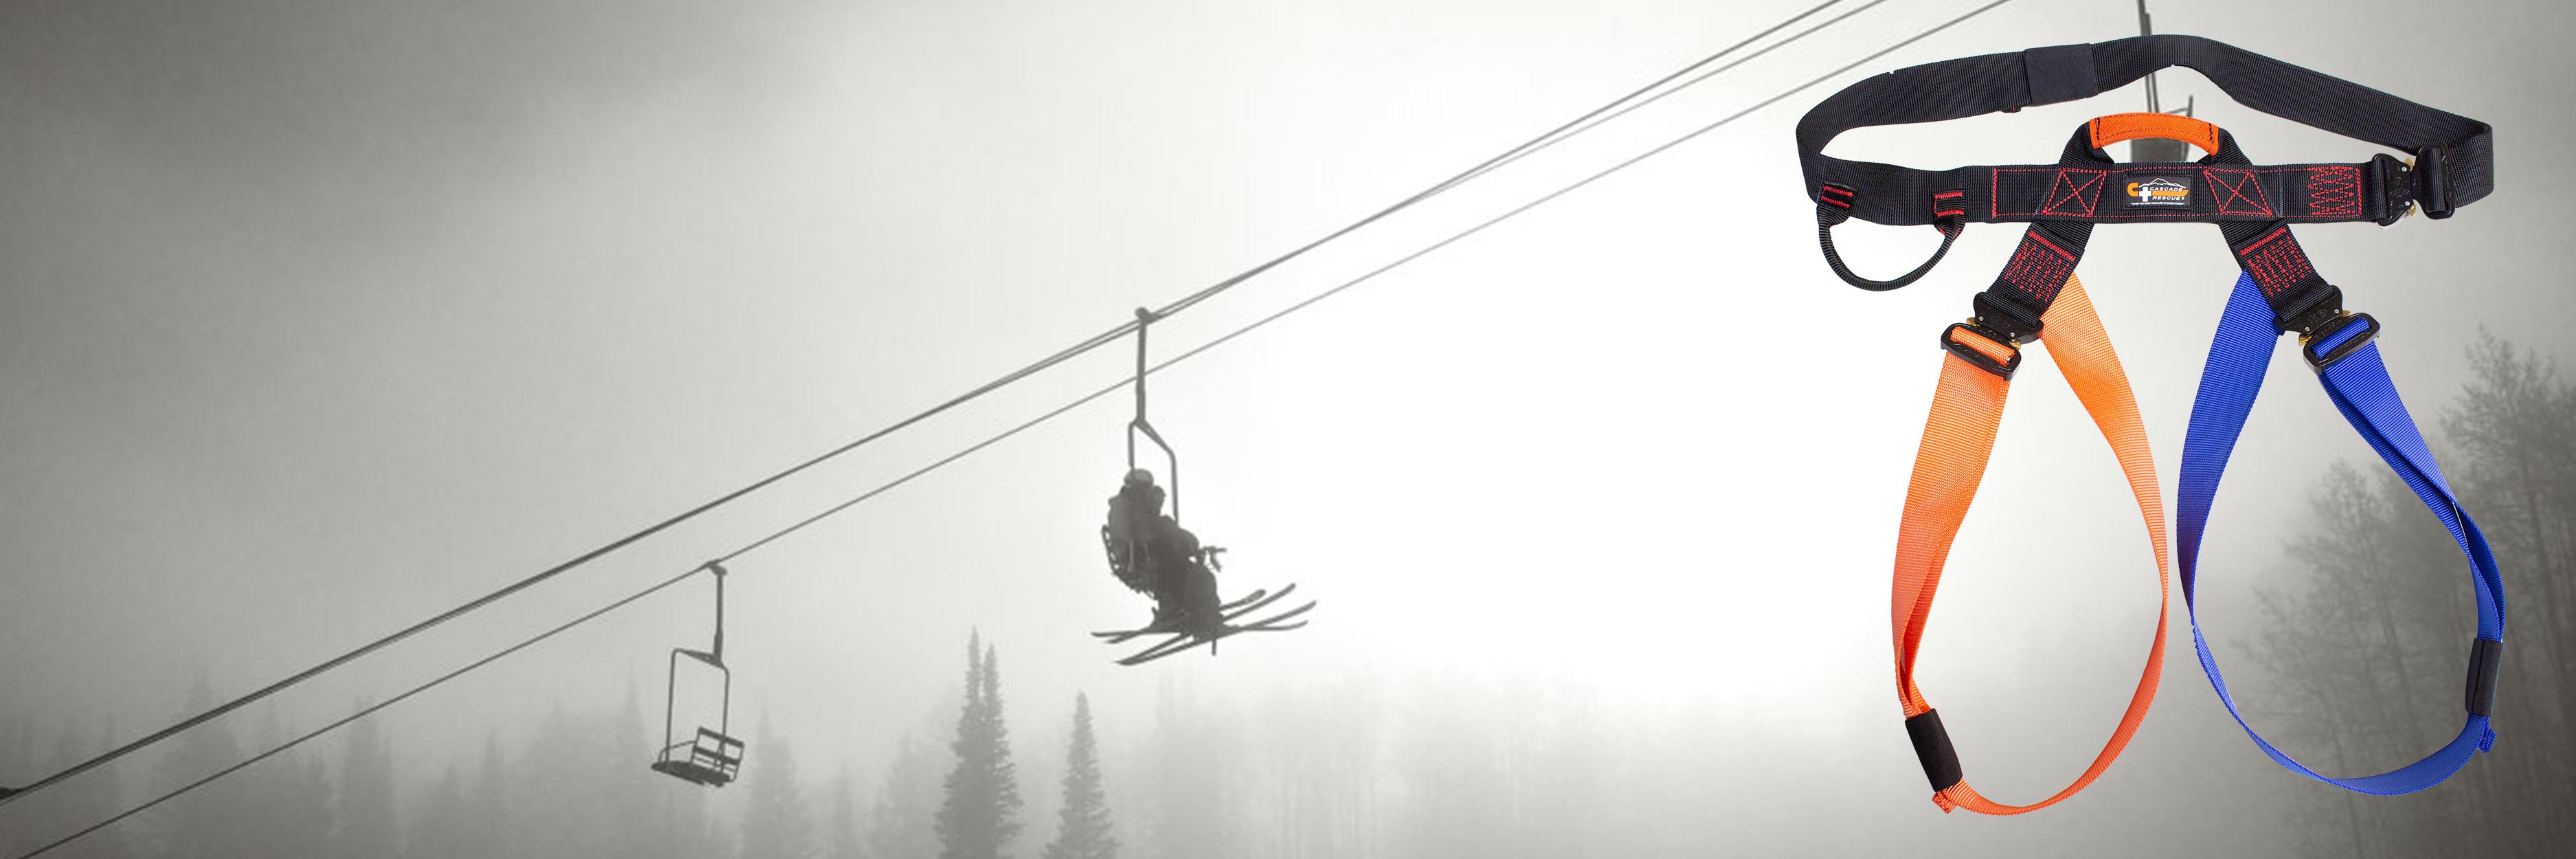 Rikki Tik rescue harness in front of  ski patrol